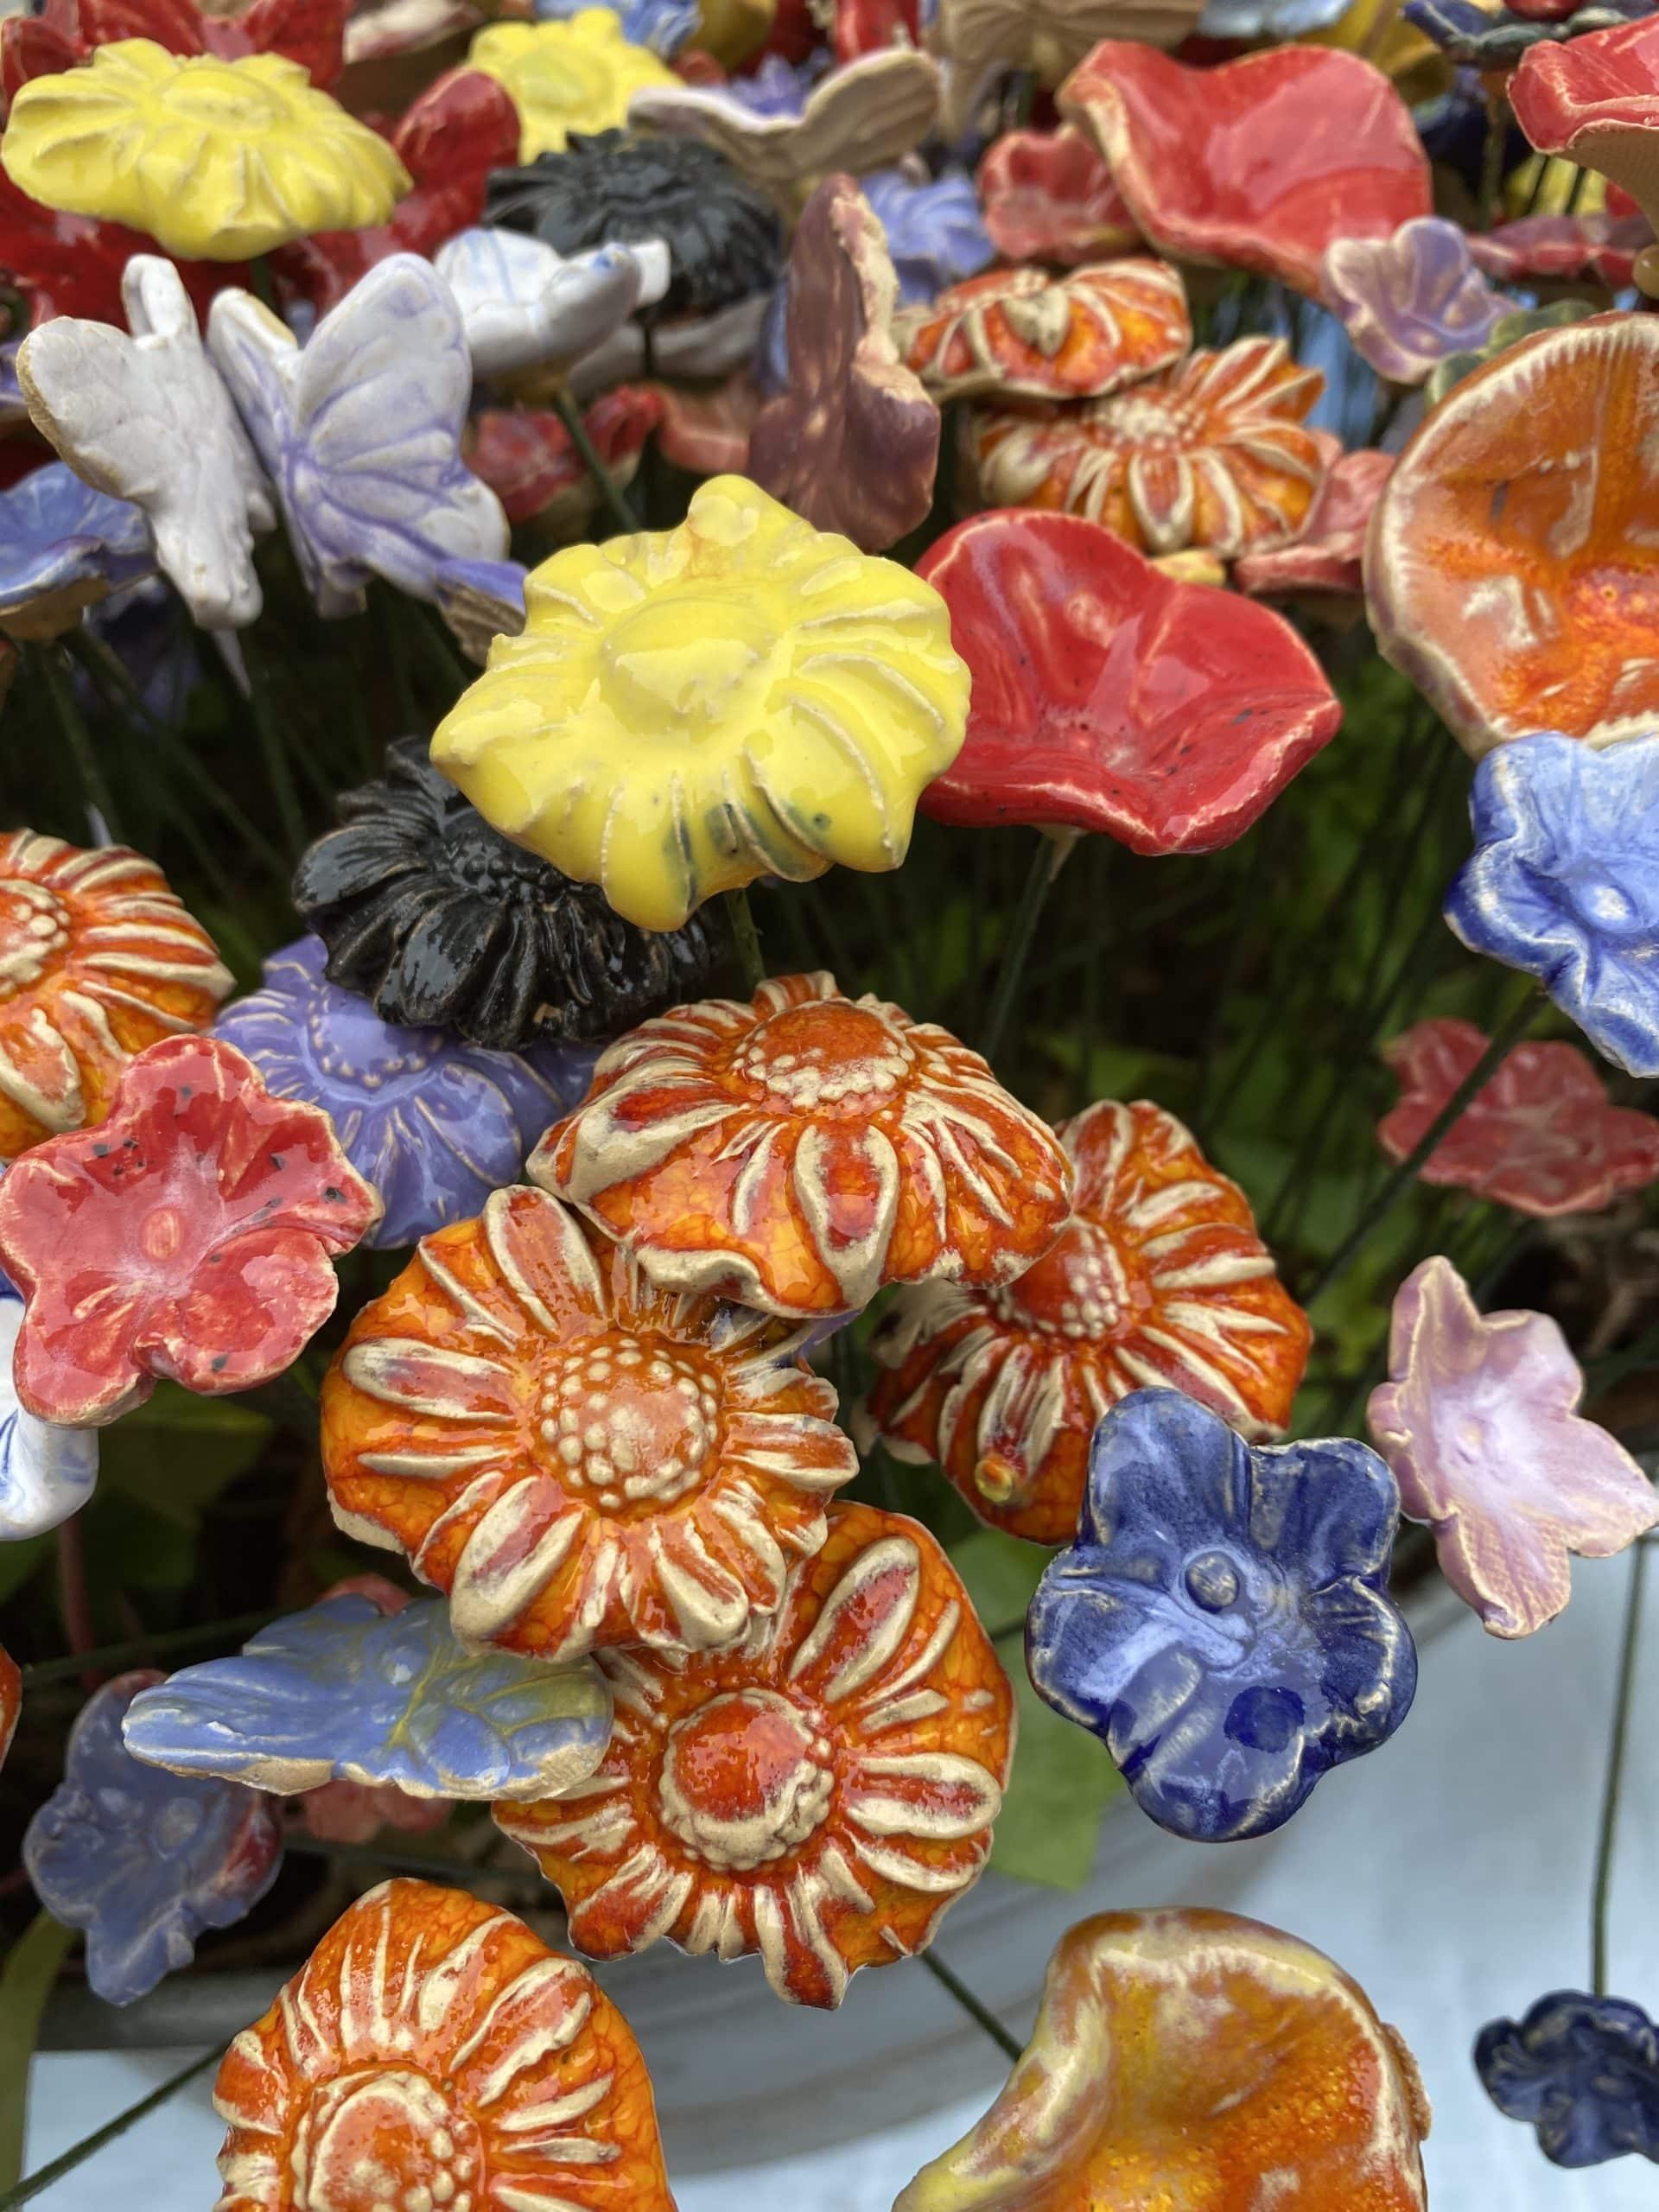 Auf dem Tippelmarkt (Keramik) gefallen mir die Blumen besonders.